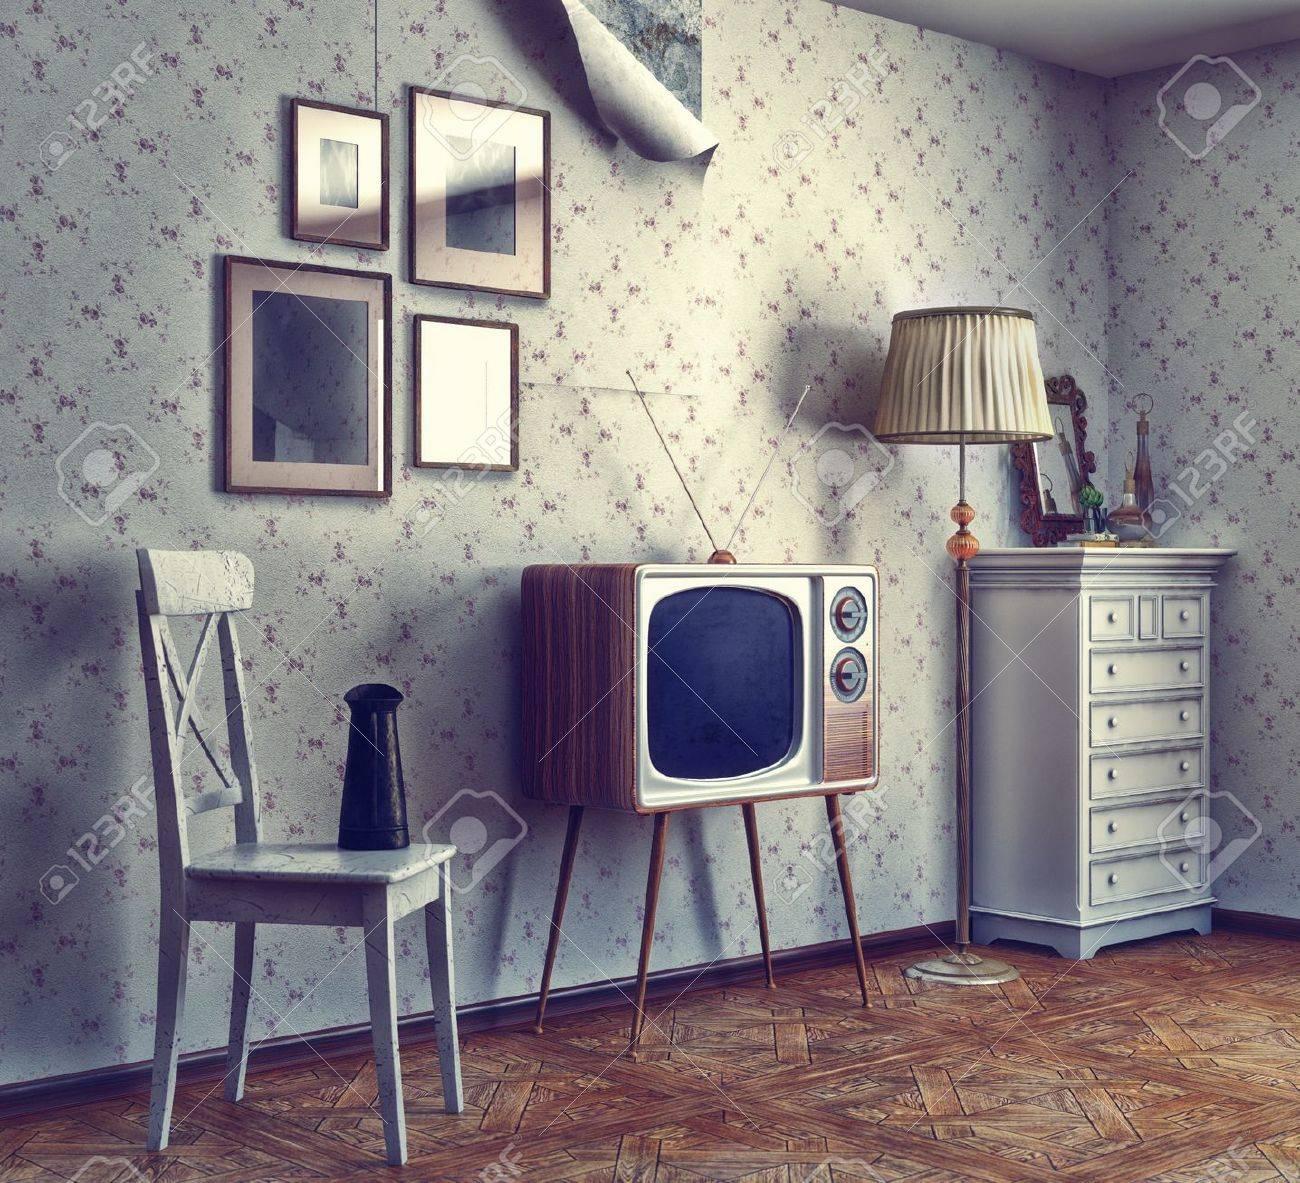 Obsolete Retro-Interieur Foto-und CG-Elemente Kombiniert, Textur Und ...